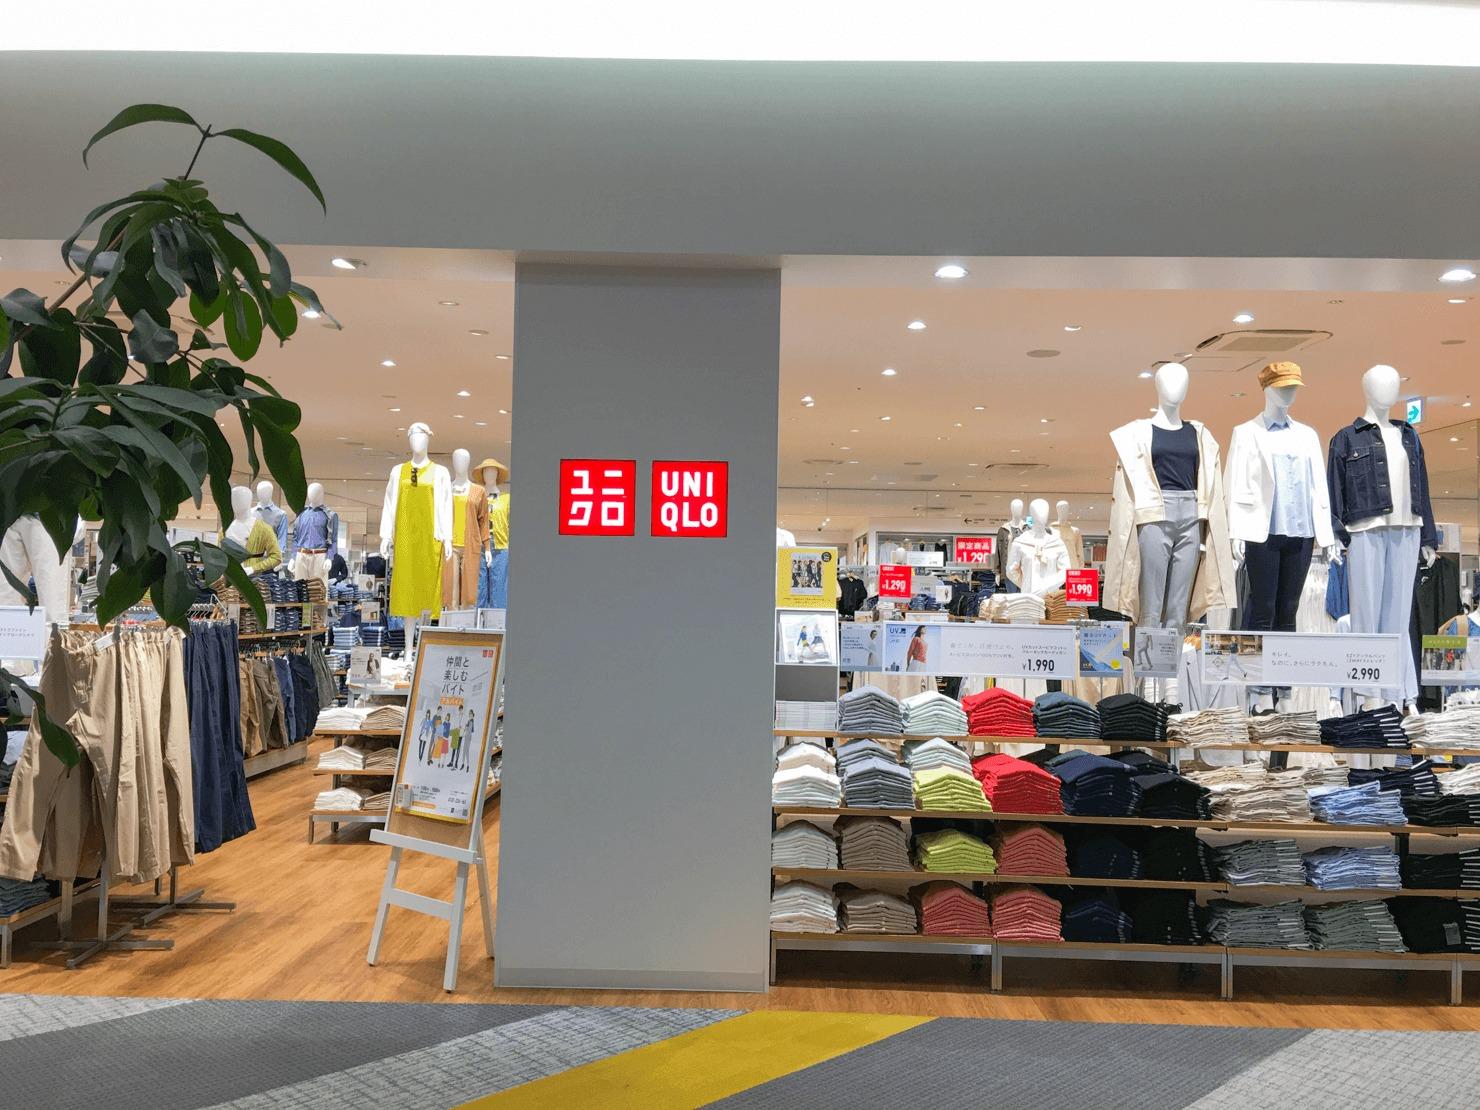 ユニクロの店舗の写真